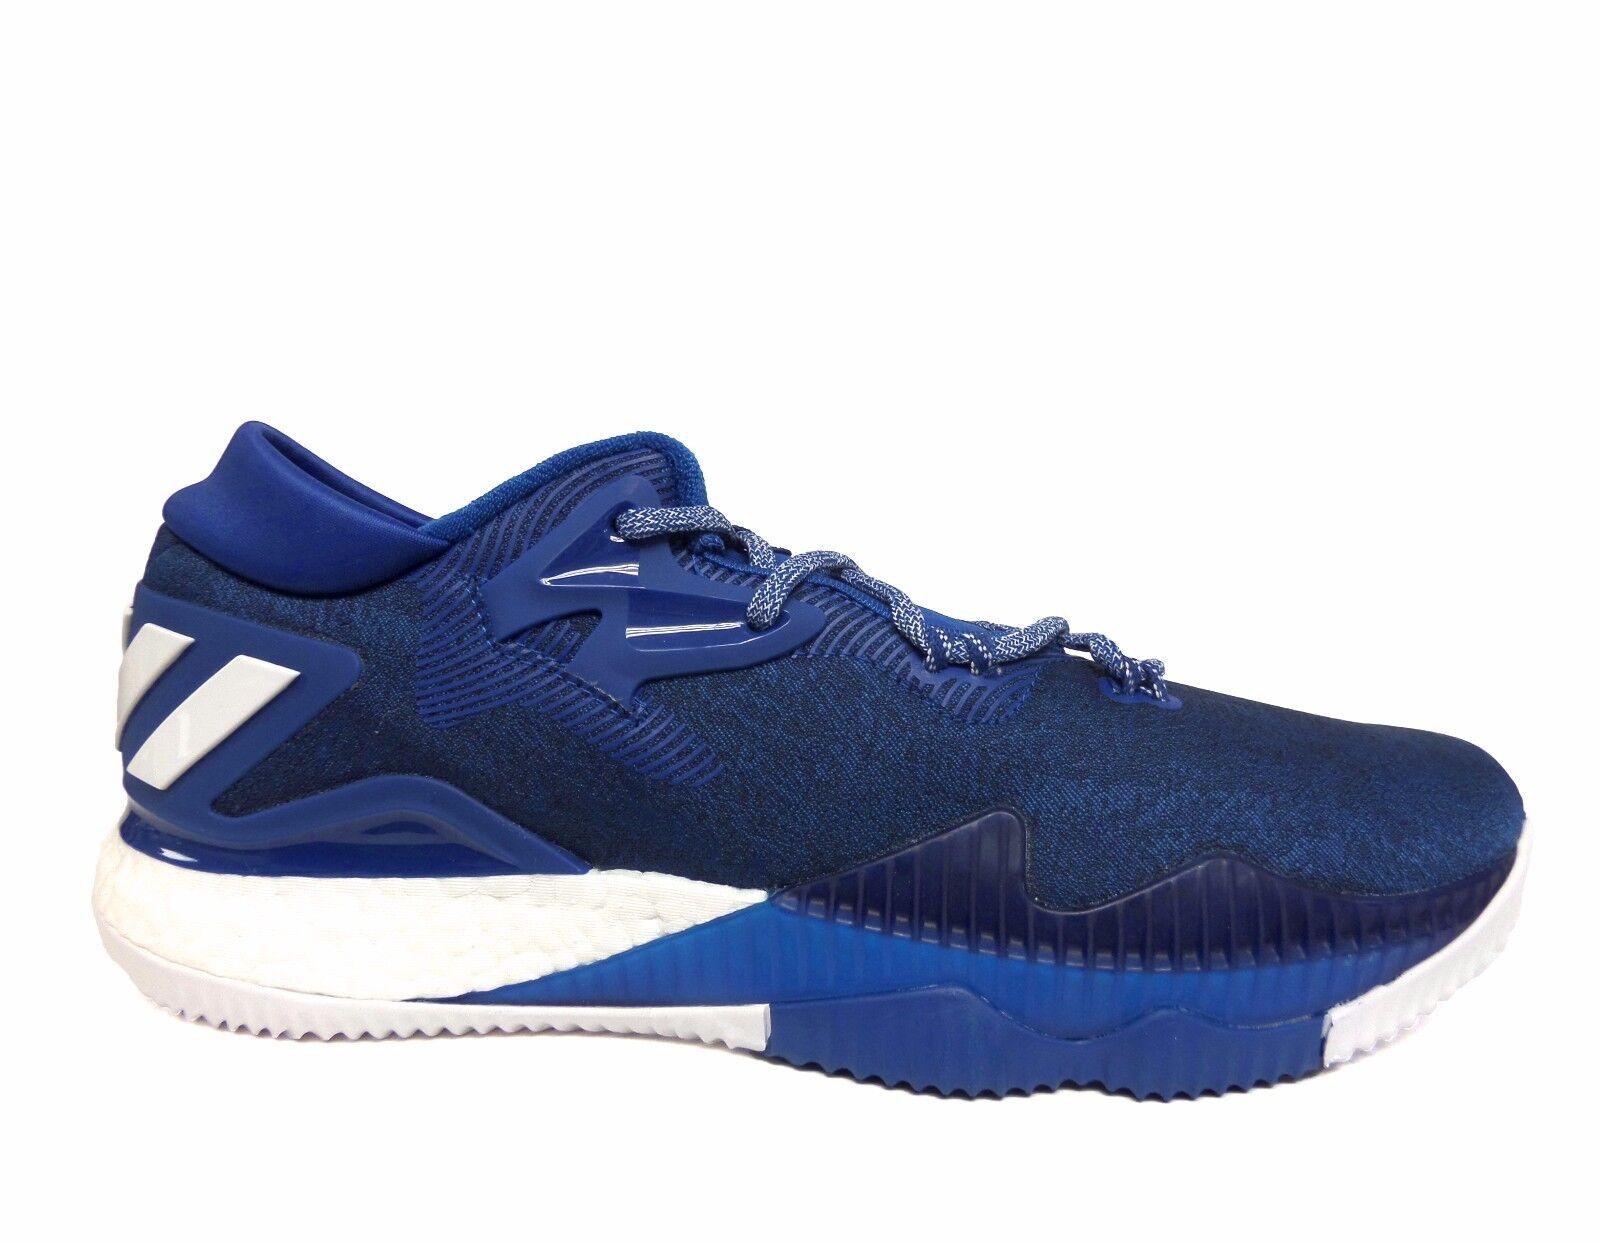 adidas männer sm crazylight auftrieb niedrigen / 2016 olympia schuhe blau / niedrigen weiß b42808 b cb49ac